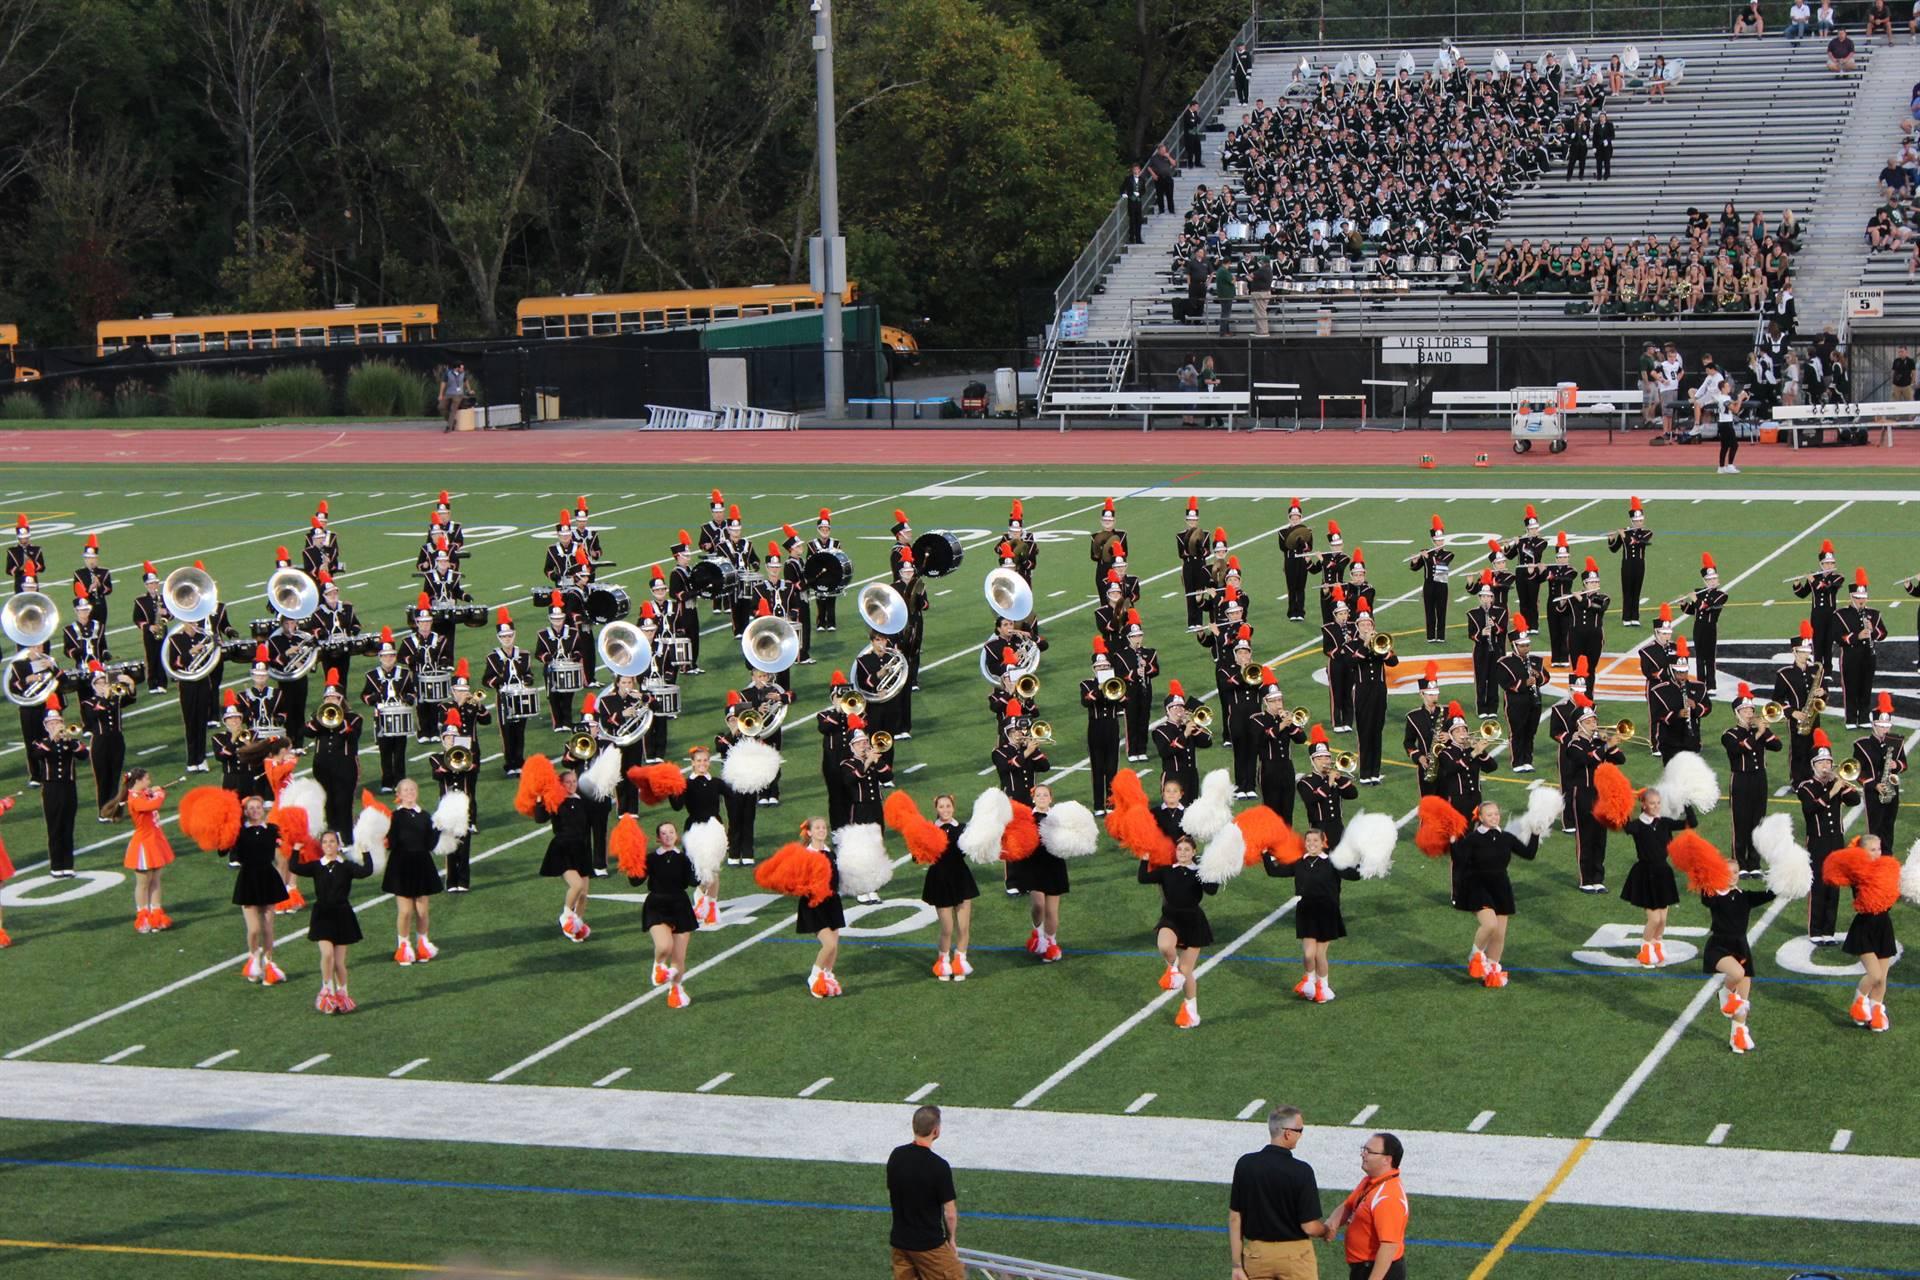 The Band at Homecoming